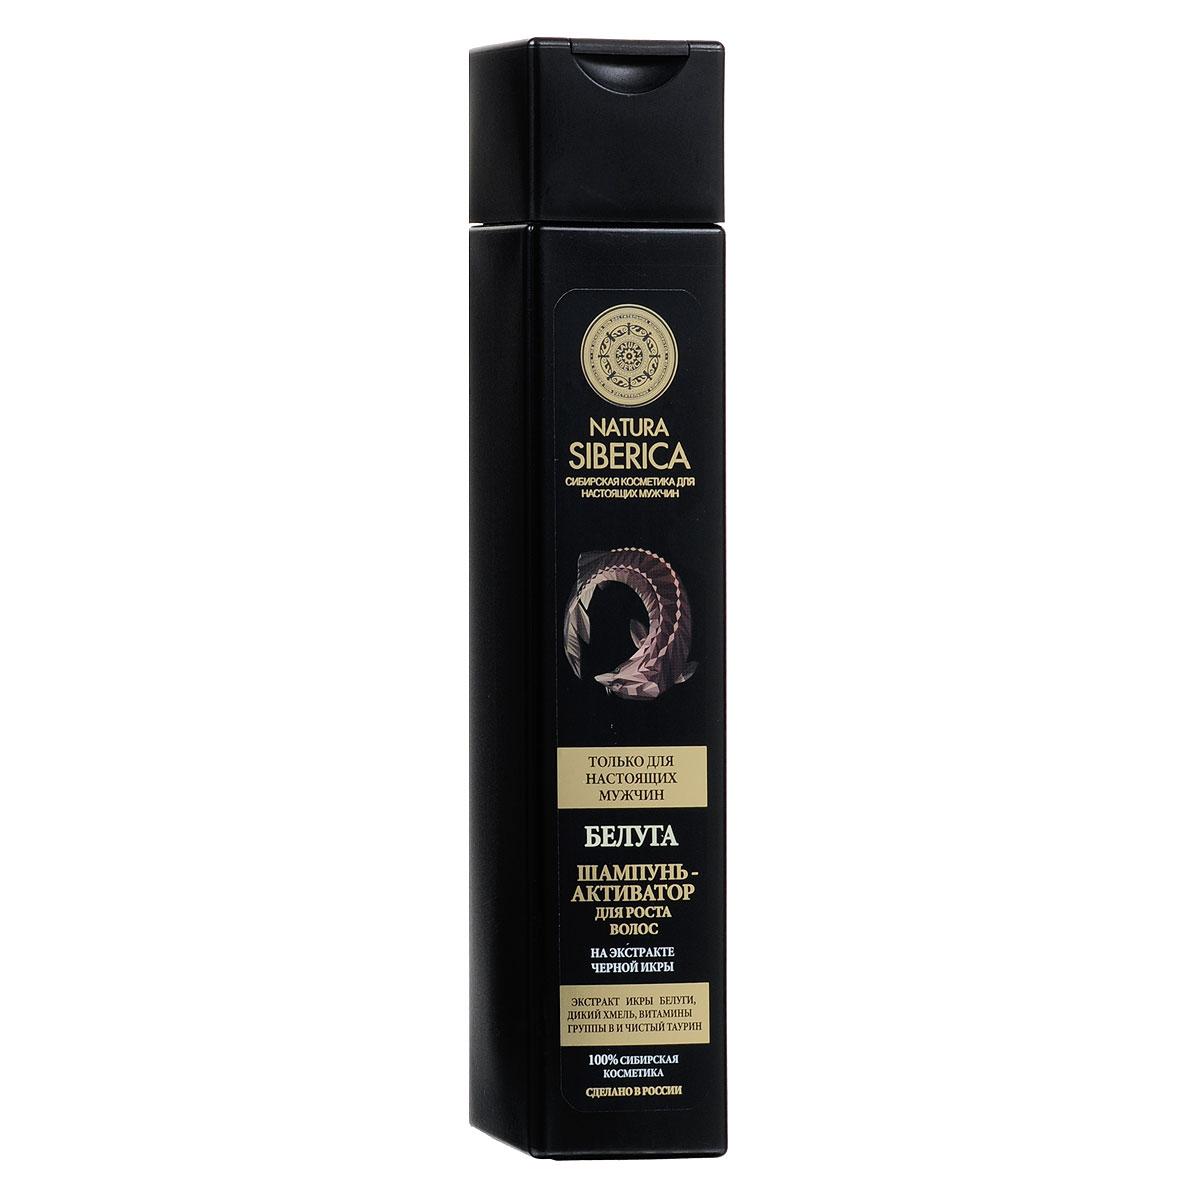 Natura Siberica Шампунь-активатор для роста волос для мужчин Белуга, 250 мл086-2-33809 NEWШампунь-активатор для роста волос Белуга создан для настоящих мужчин - сильных, смелых и уверенных в себе! В его состав входит уникальный ценный ингредиент - экстракт икры белуги. Икра - богатейший источник Омега-3 и жирных кислот, белков, витаминов, микроэлементов. Она стимулирует рост волос, укрепляет волосяные луковицы, питает и увлажняет волосы. Дикий хмель эффективно очищает кожу головы, усиливает кровообращение, улучшает структуру волос. Витамин В питает и укрепляет корни волос, делает их прочными и сильными. Чистый таурин, мощный энергетик, пробуждает волосяные луковицы, придает жизненную силу волосам и стимулирует рост новых. Шампунь-активатор для роста волос Белуга - мощнейший комплекс природных компонентов, разработанный с учетом особенностей мужских волос. Он интенсивно очищает кожу головы и волосы, сокращает выпадение, активизирует рост волос, возвращая им силу и здоровый внешний вид.Гарантированный результат: на 92% более сильные волосы, на 89% меньше выпадения волос, на 87% более густые волосы. Товар сертифицирован.